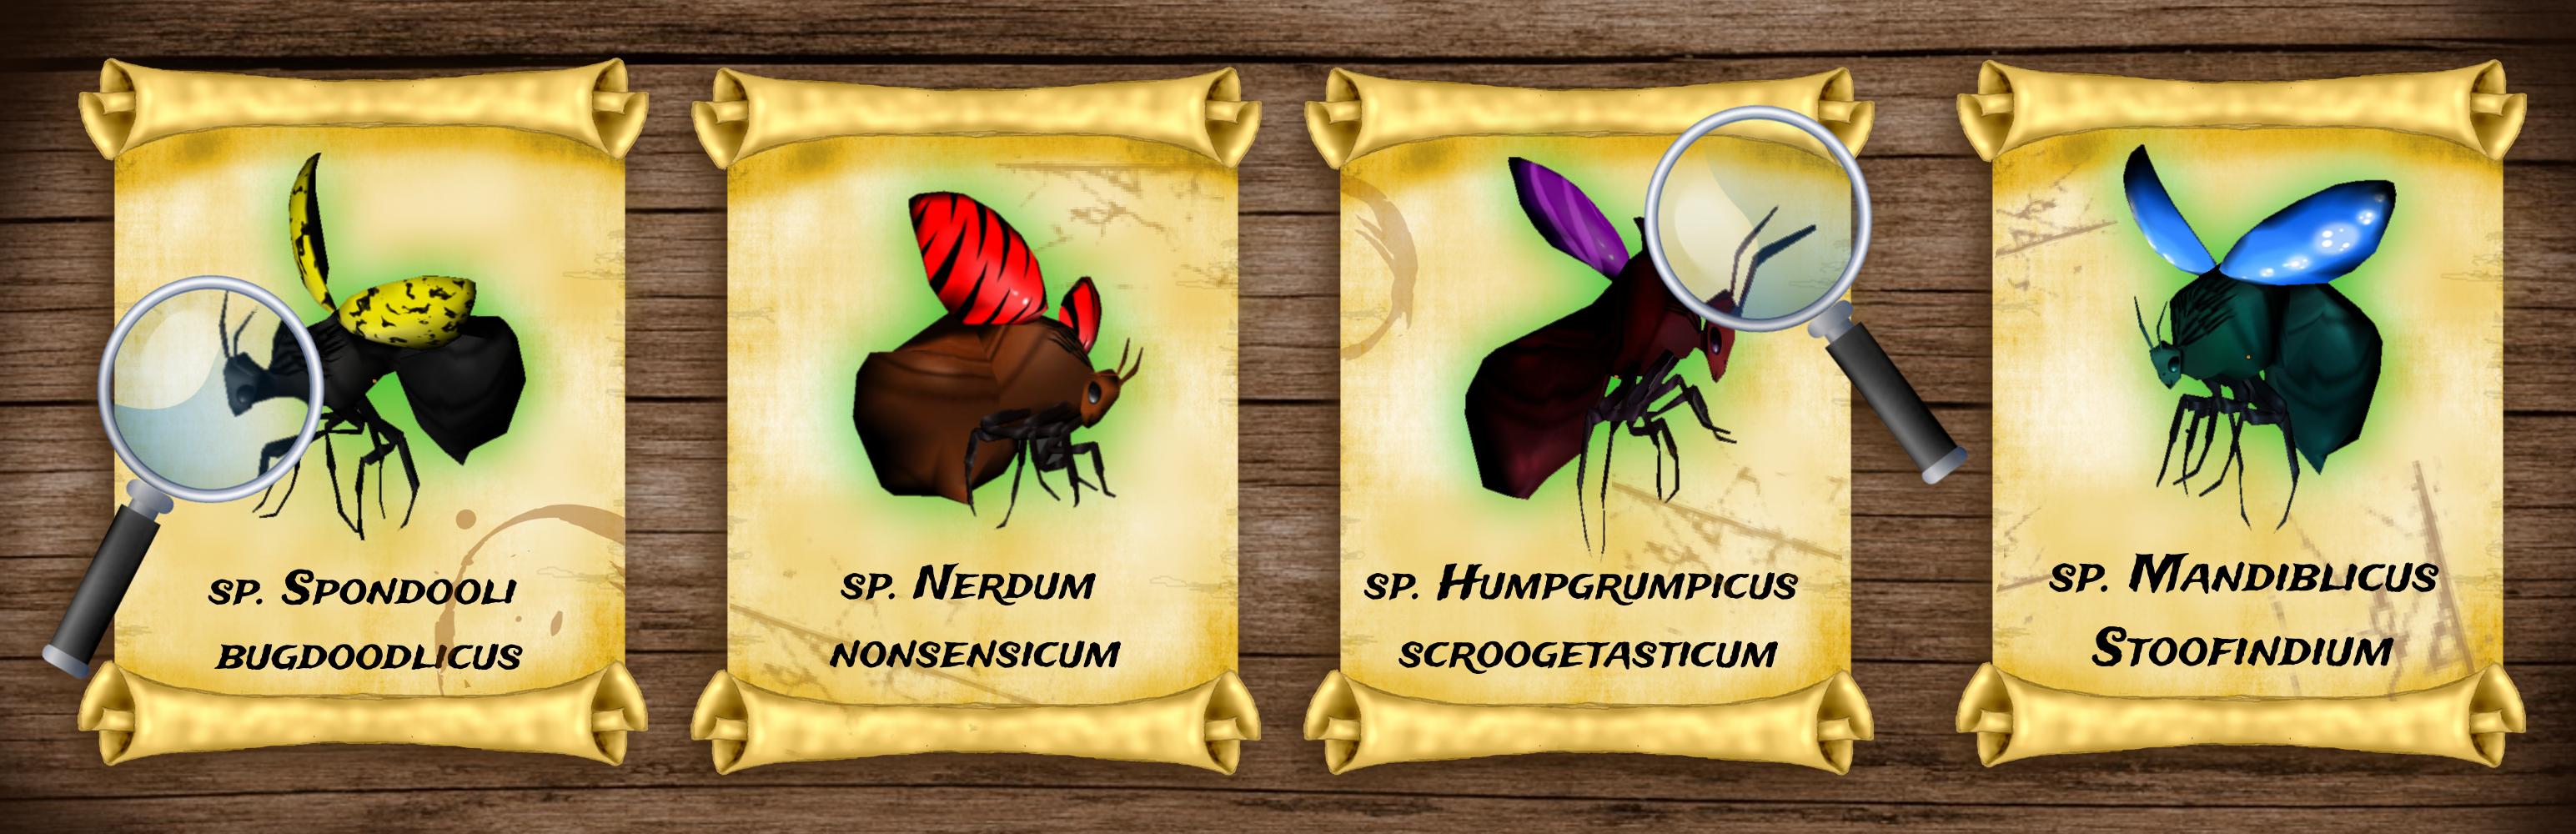 BugsSpeciesArrayWOODpng